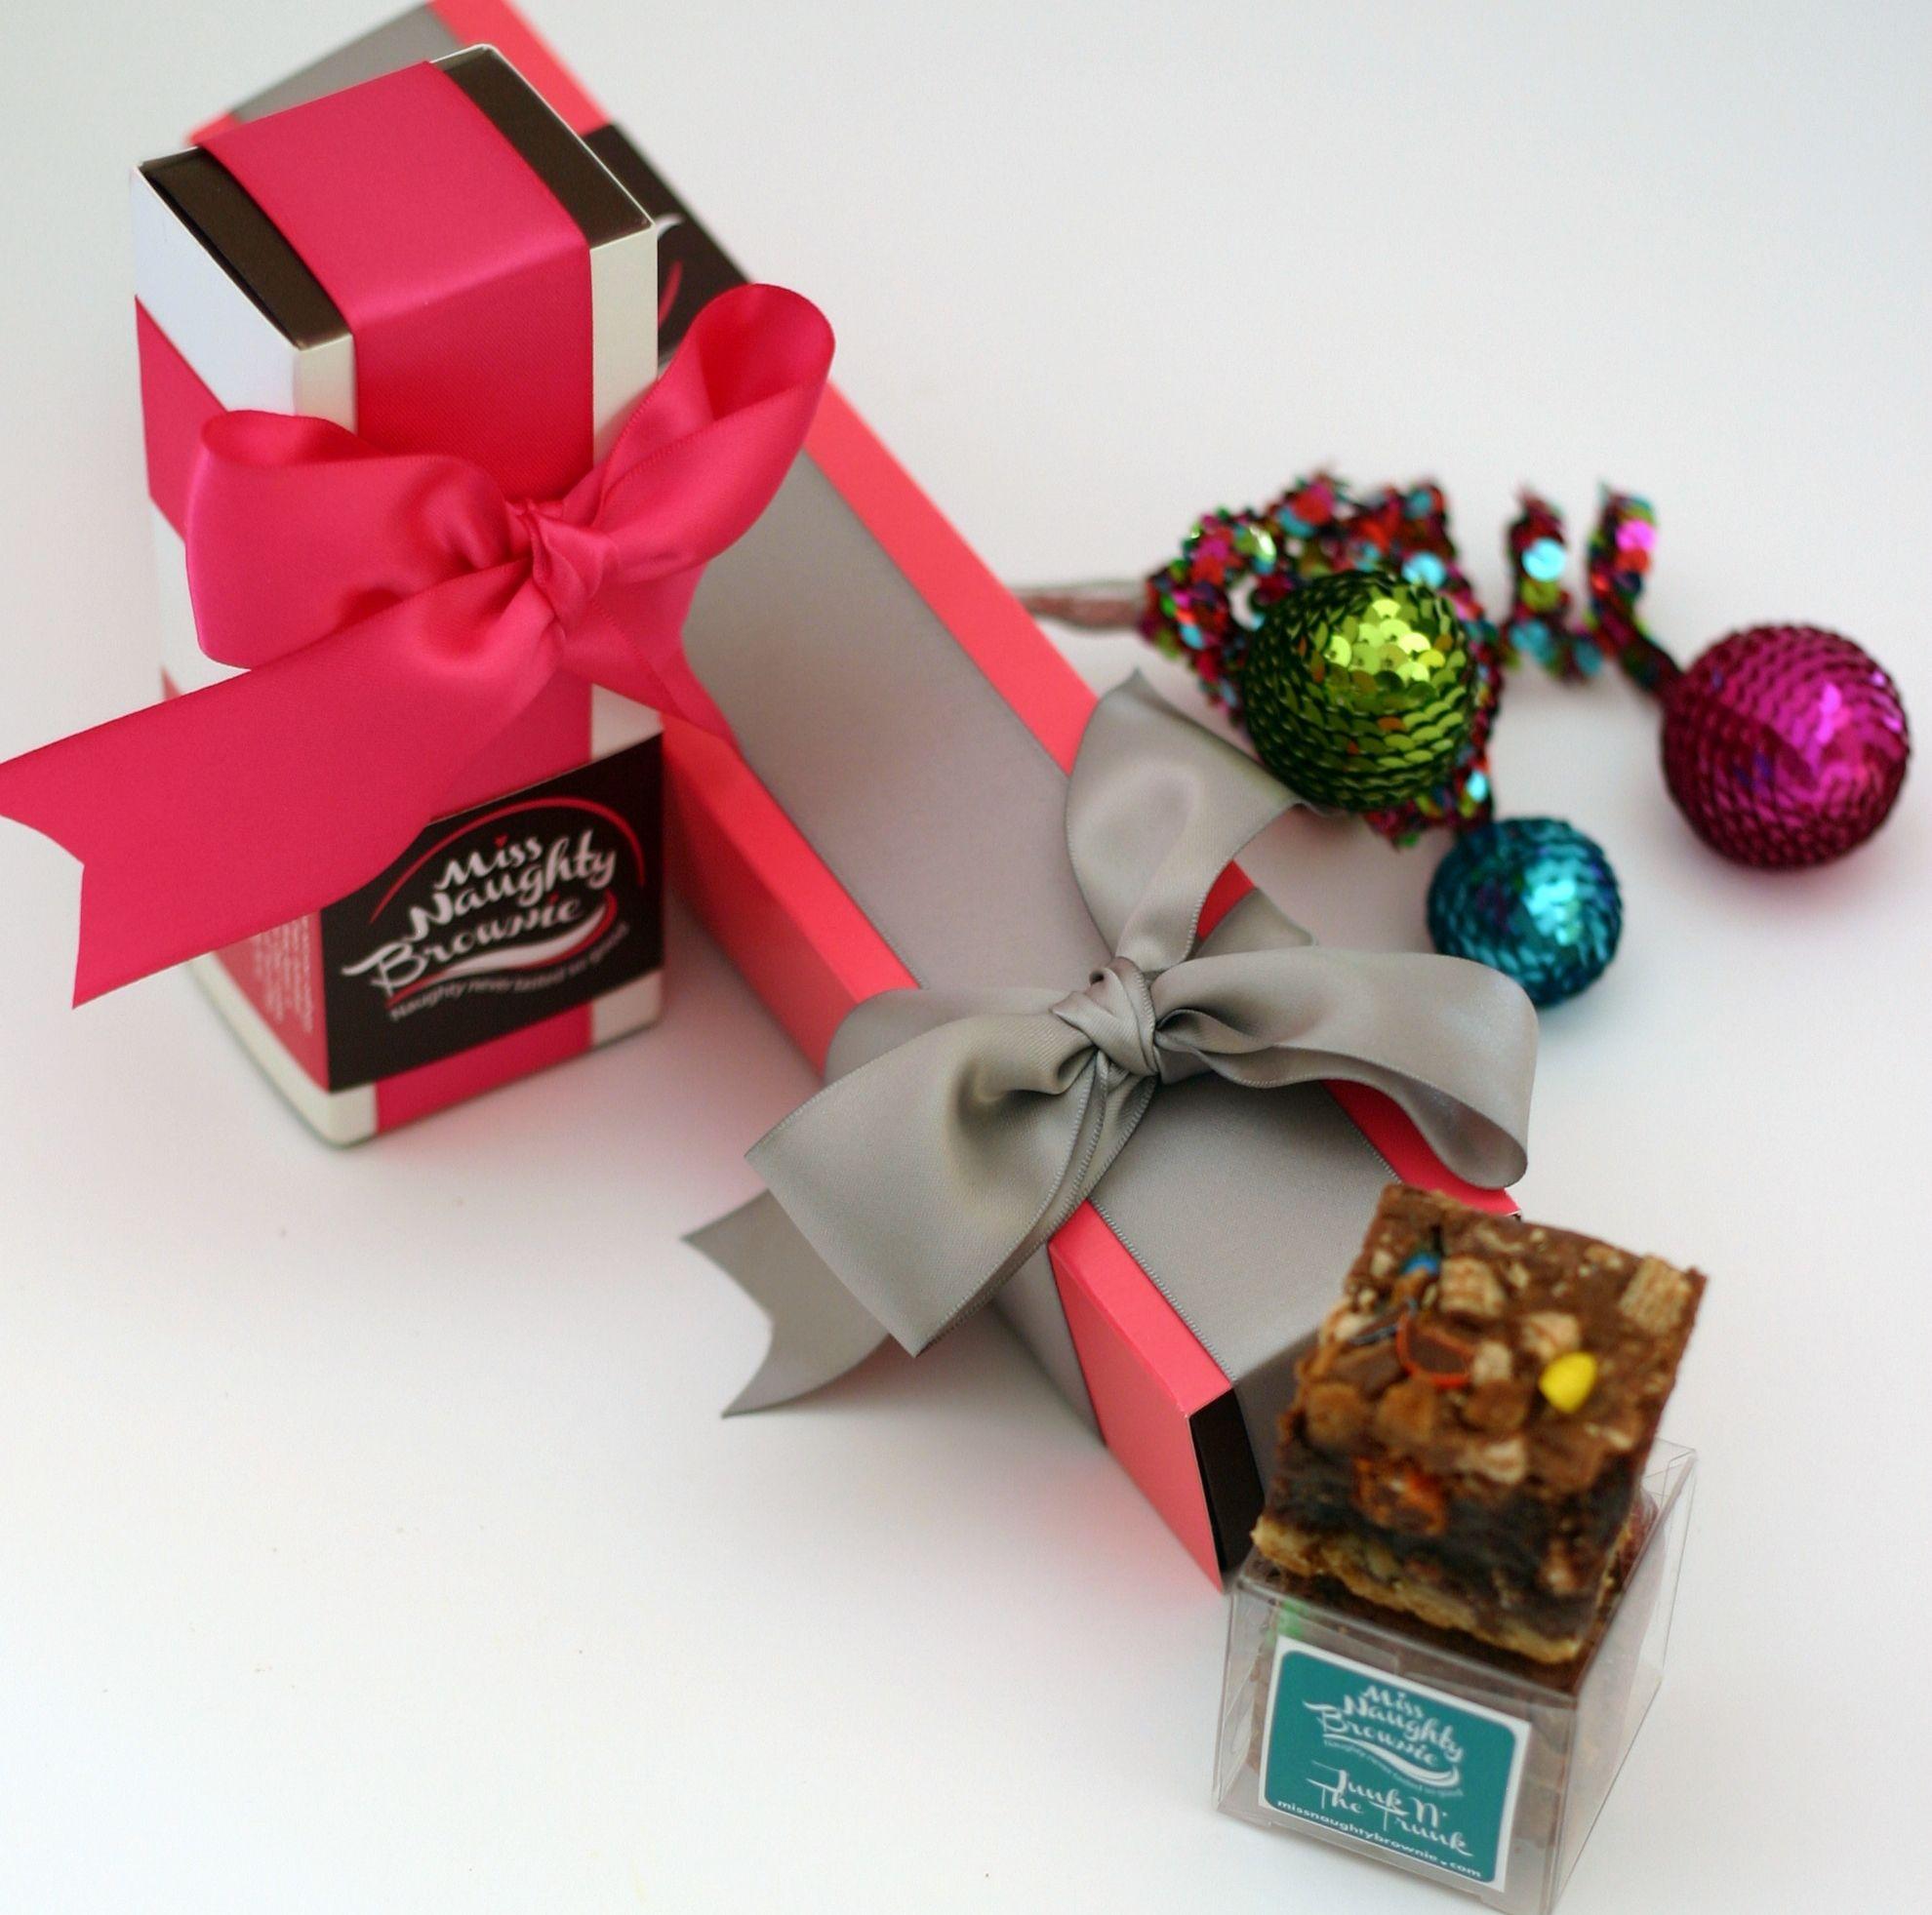 Miss naughty brownie packaging brownie packaging